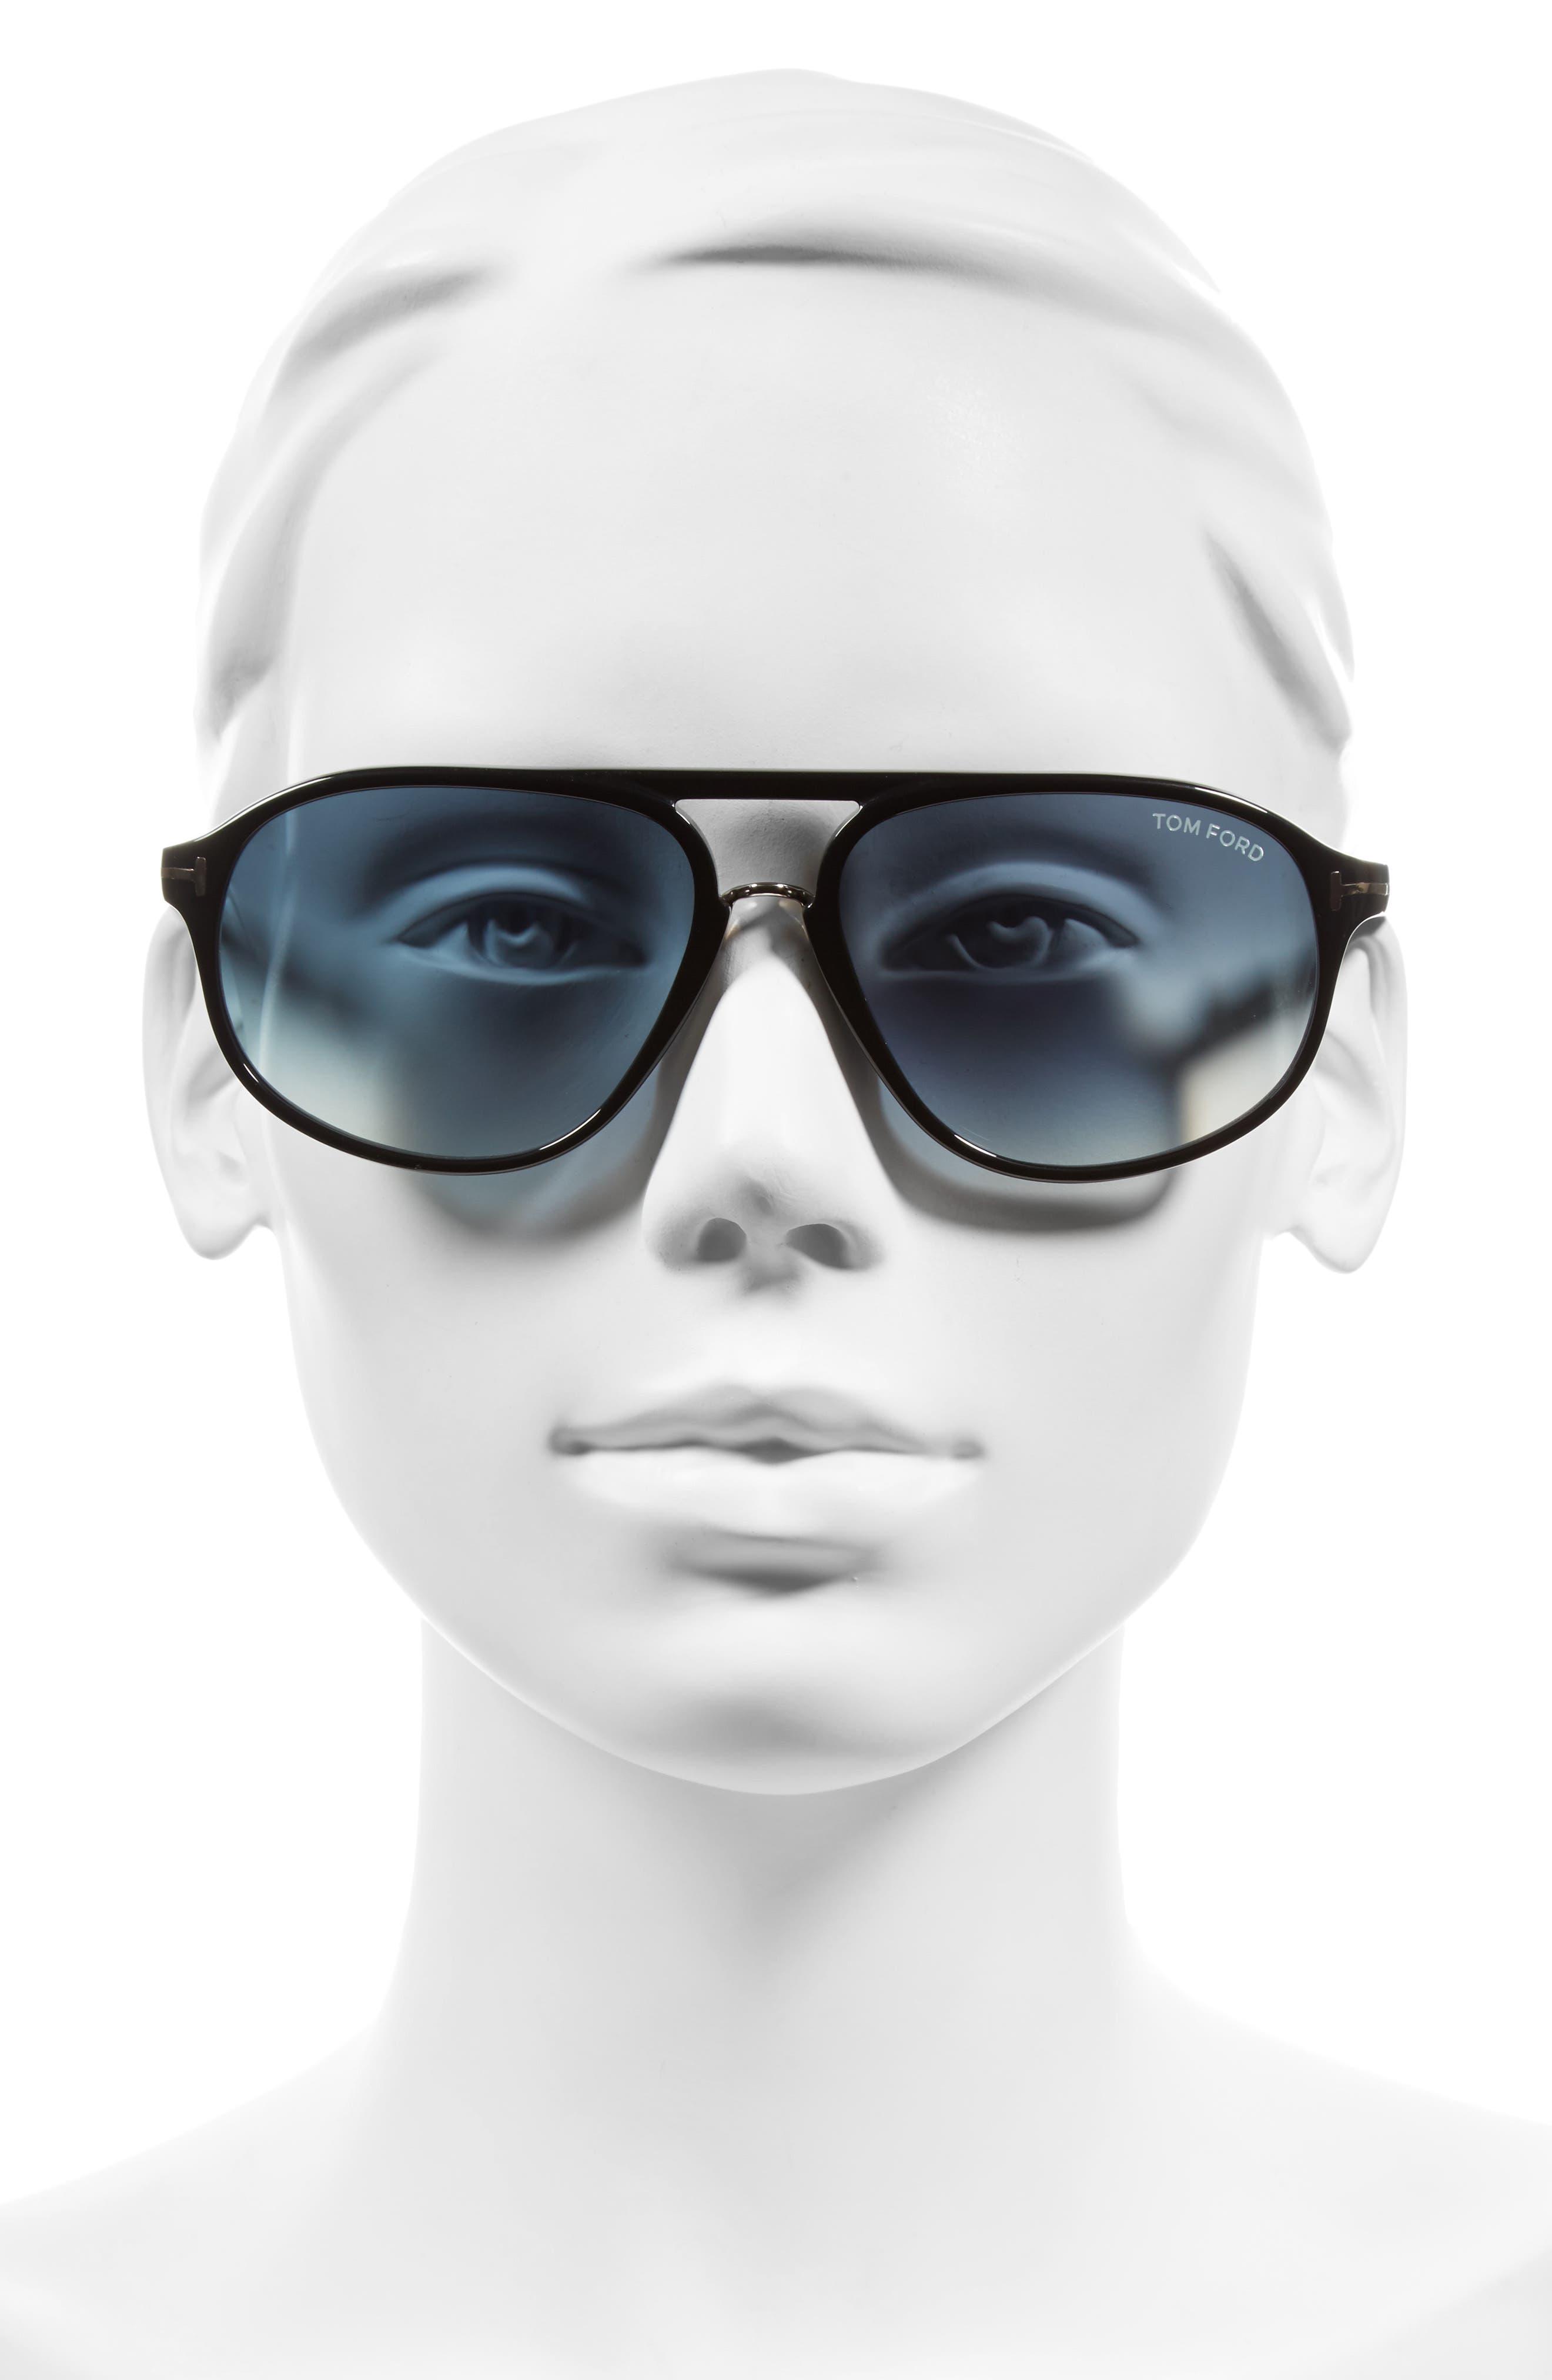 Jacob 60mm Retro Sunglasses,                             Alternate thumbnail 2, color,                             001